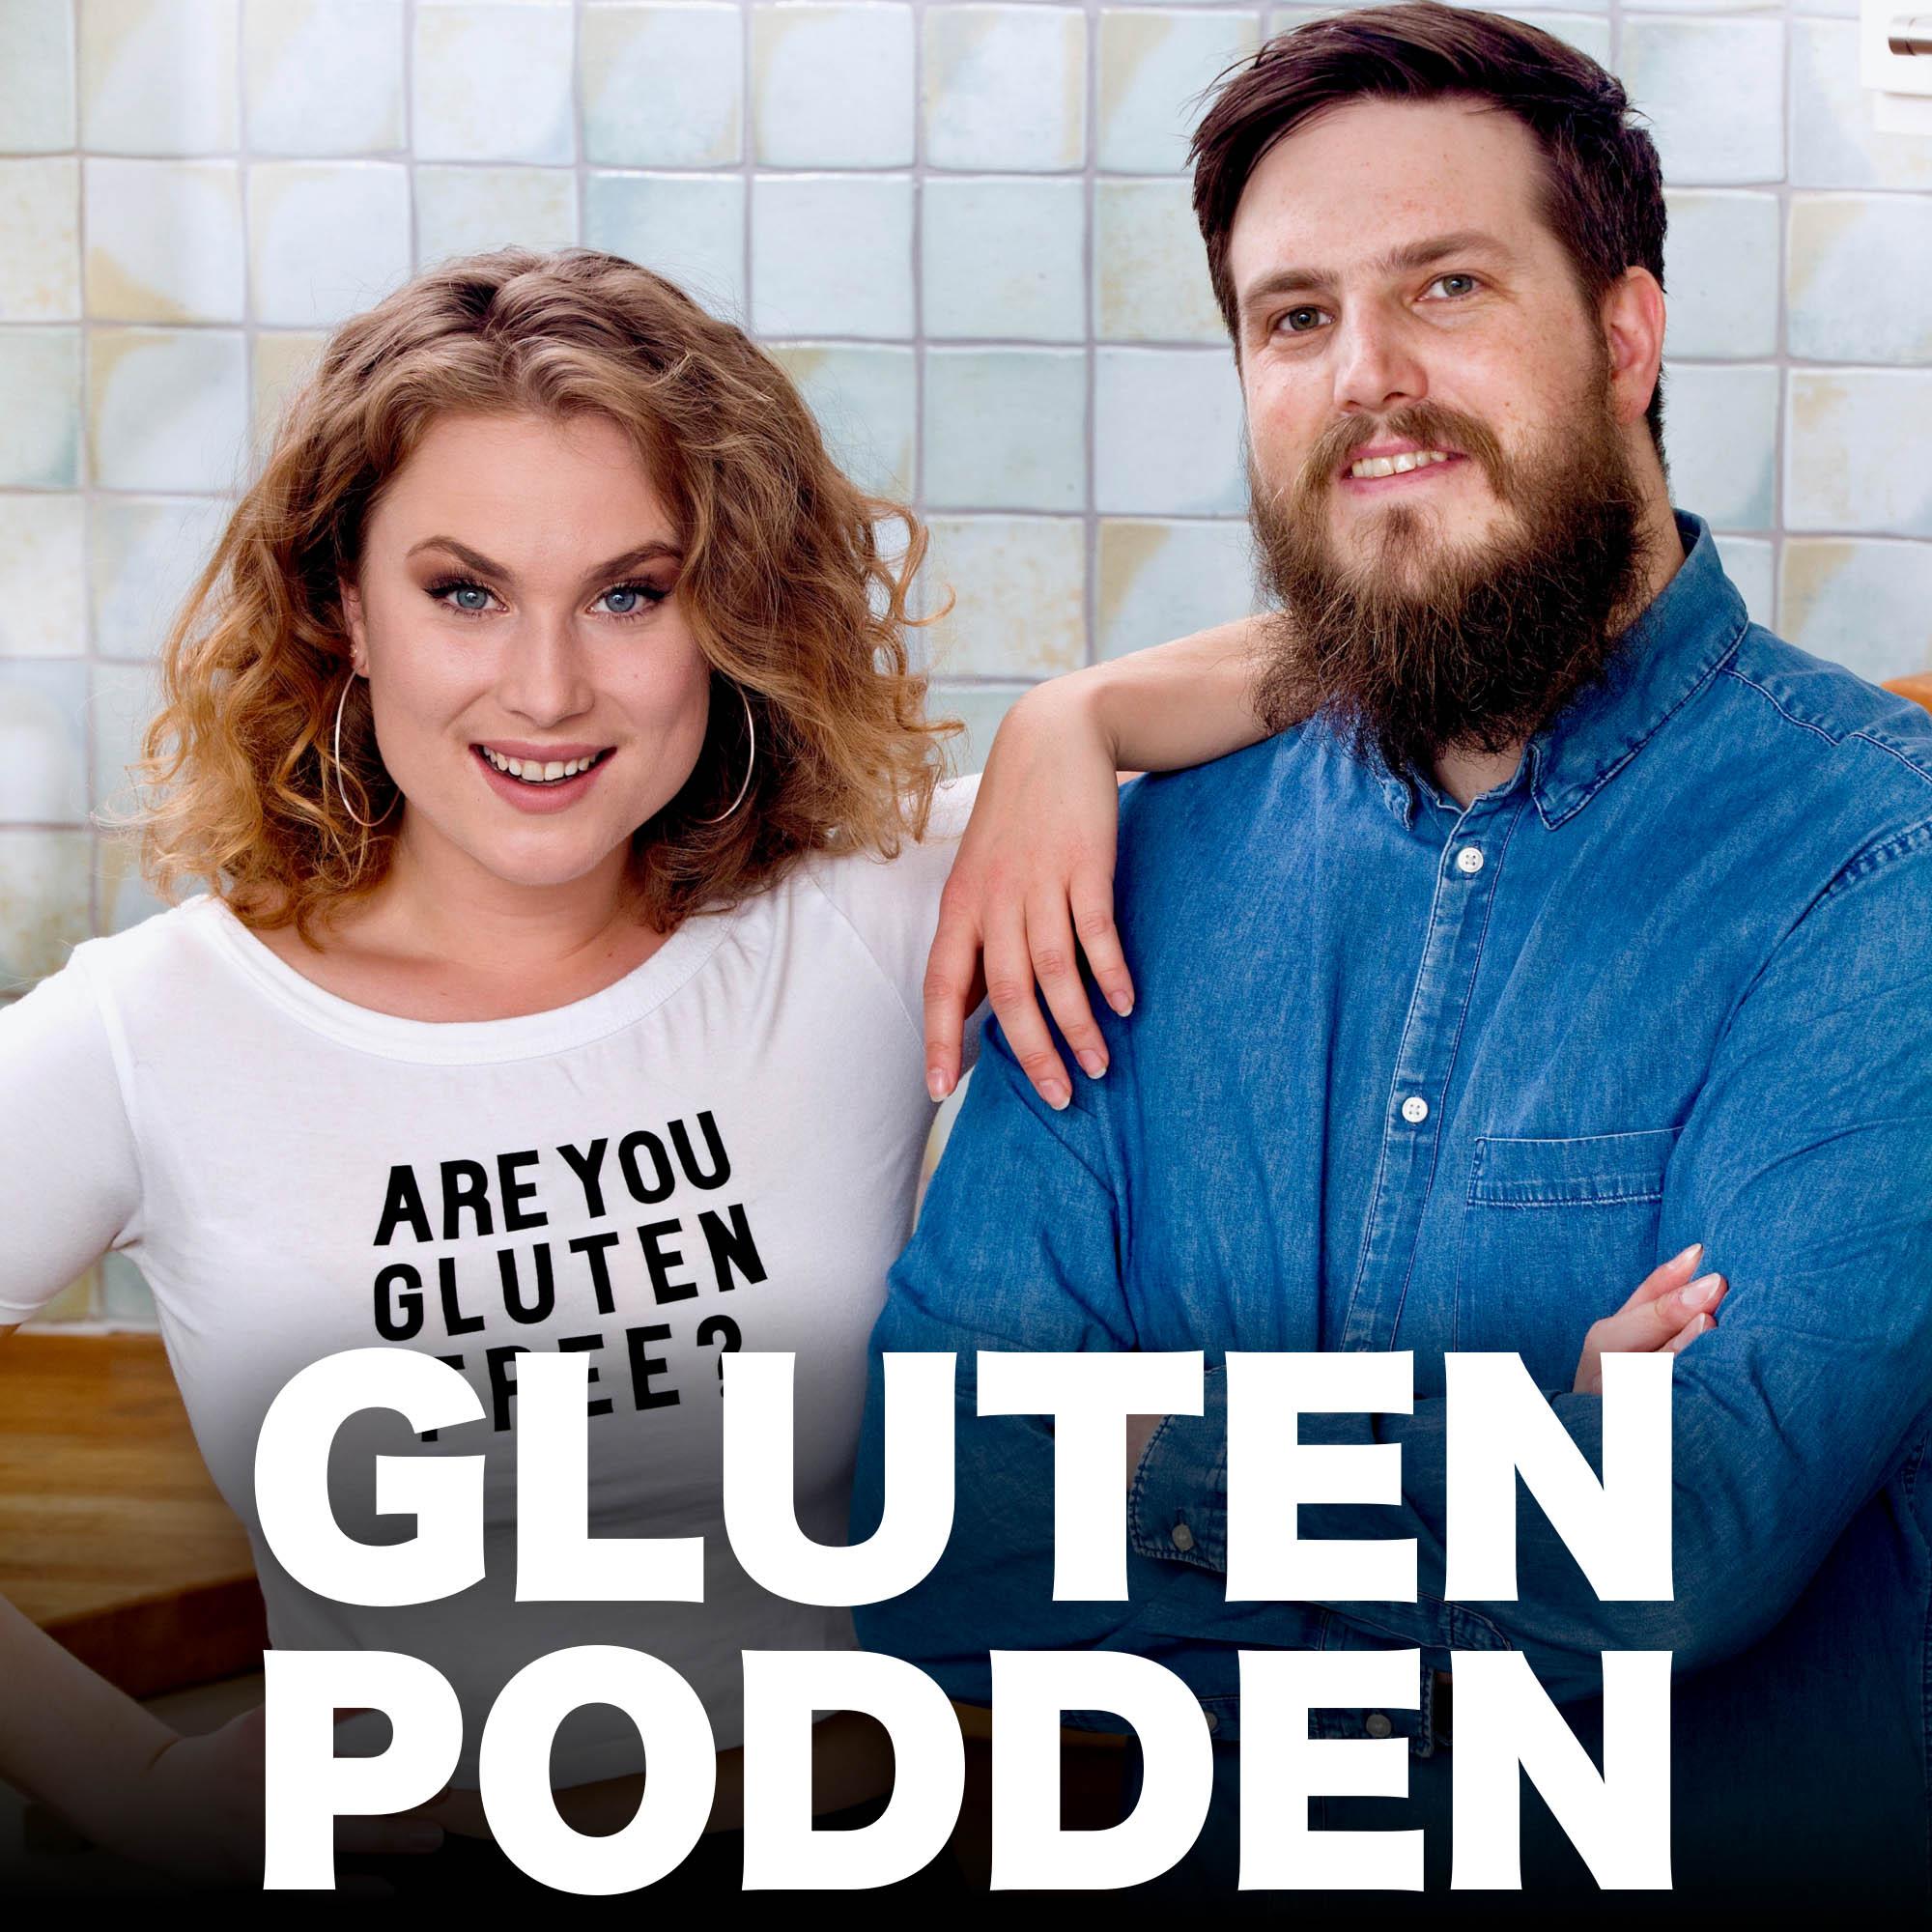 Sommarens glutenhittar och glutenmissar